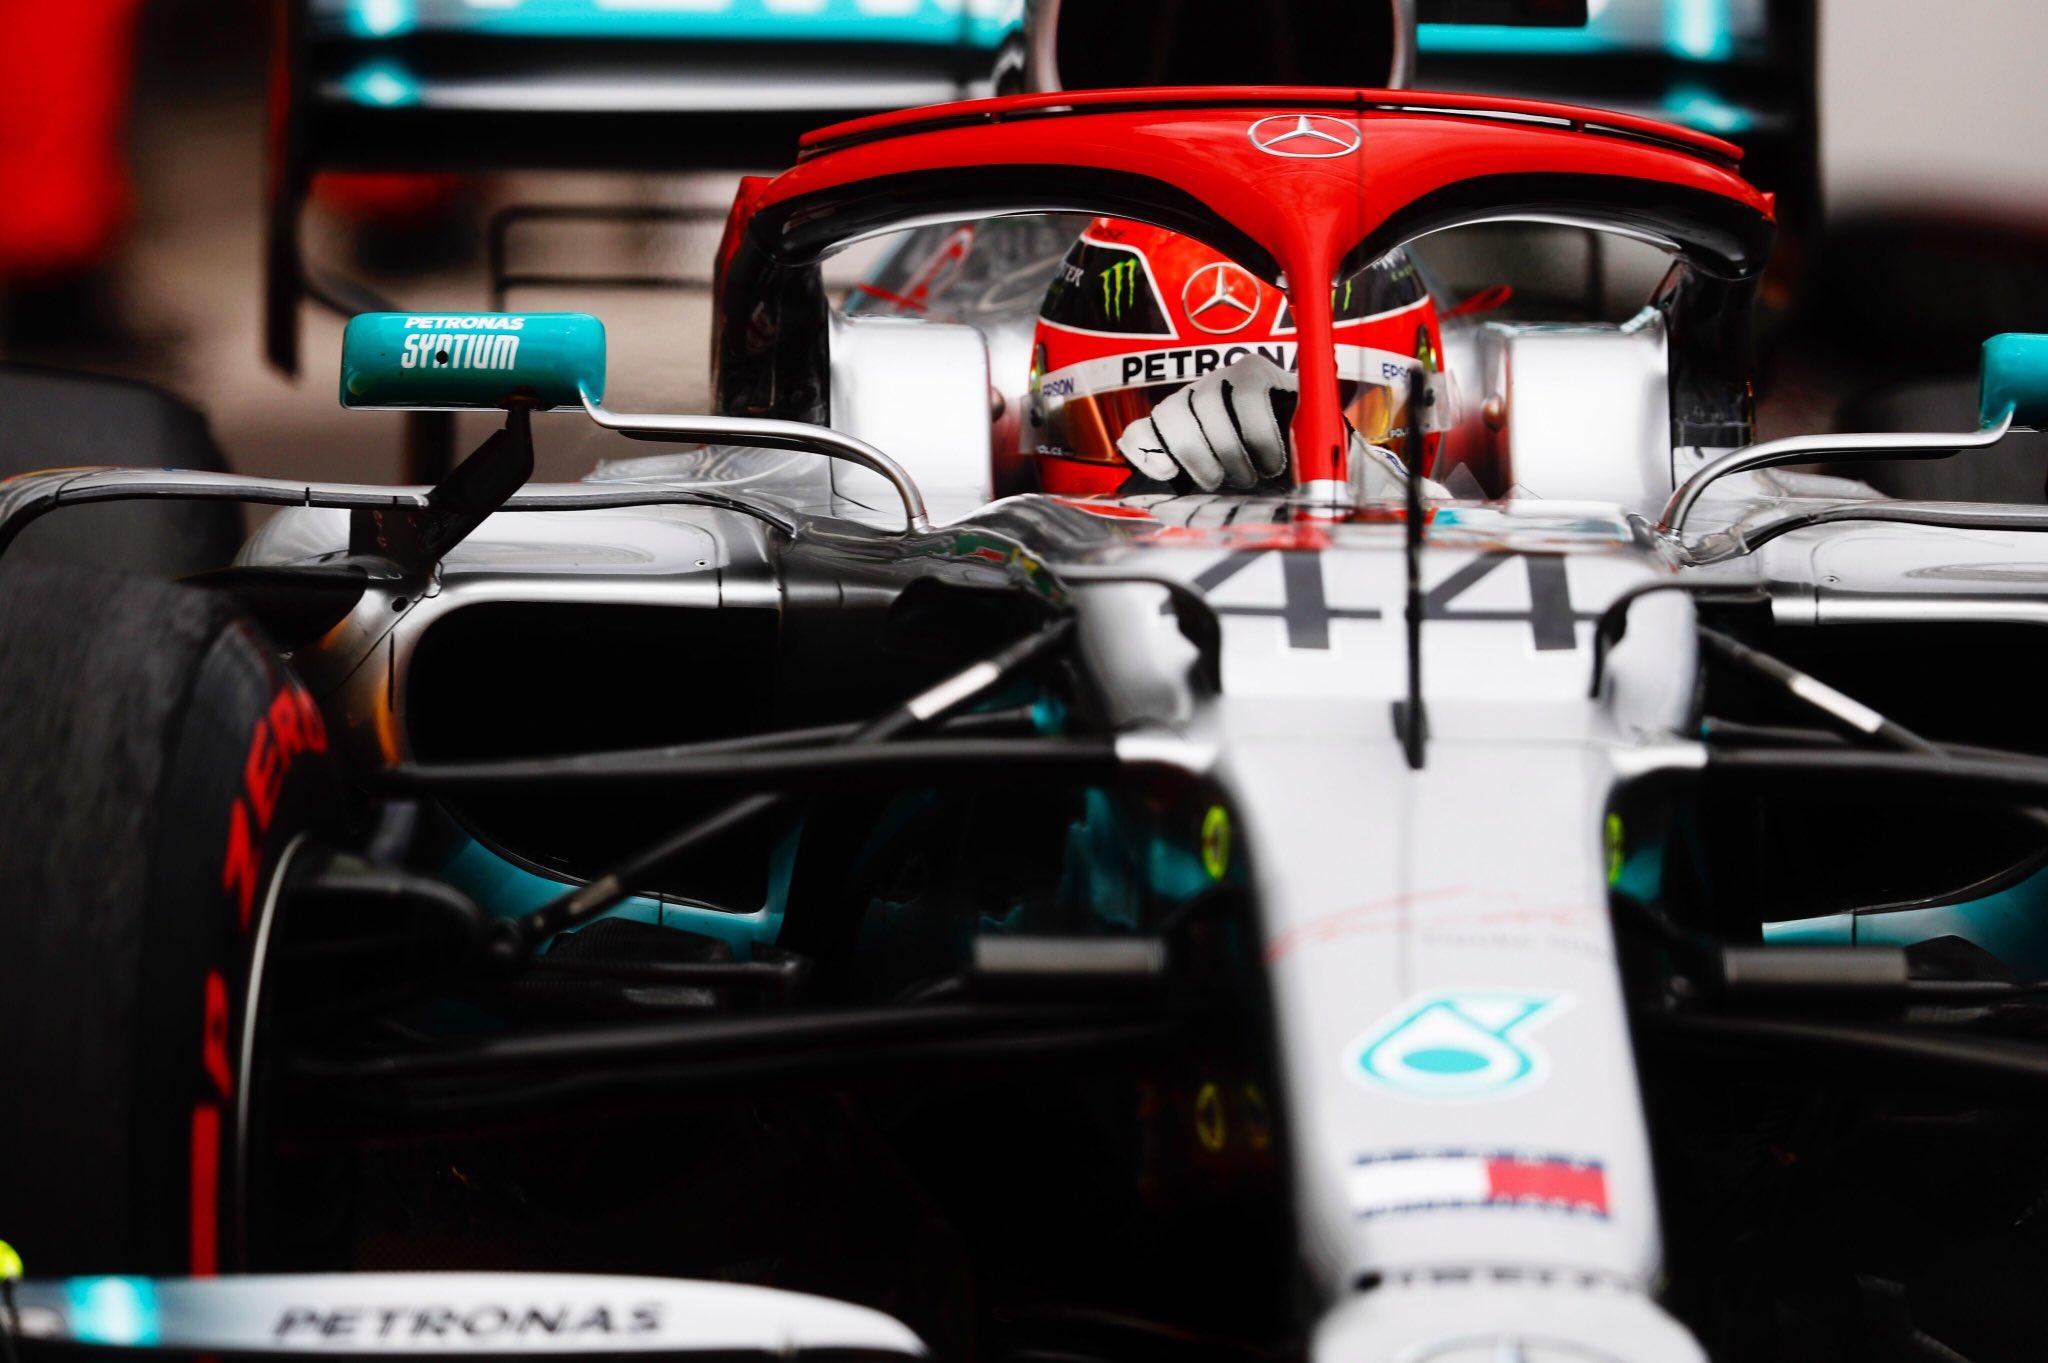 Льюис Хэмилтон укрепляет лидерство в личном зачёте чемпионата мира по Формуле-1 2019 года